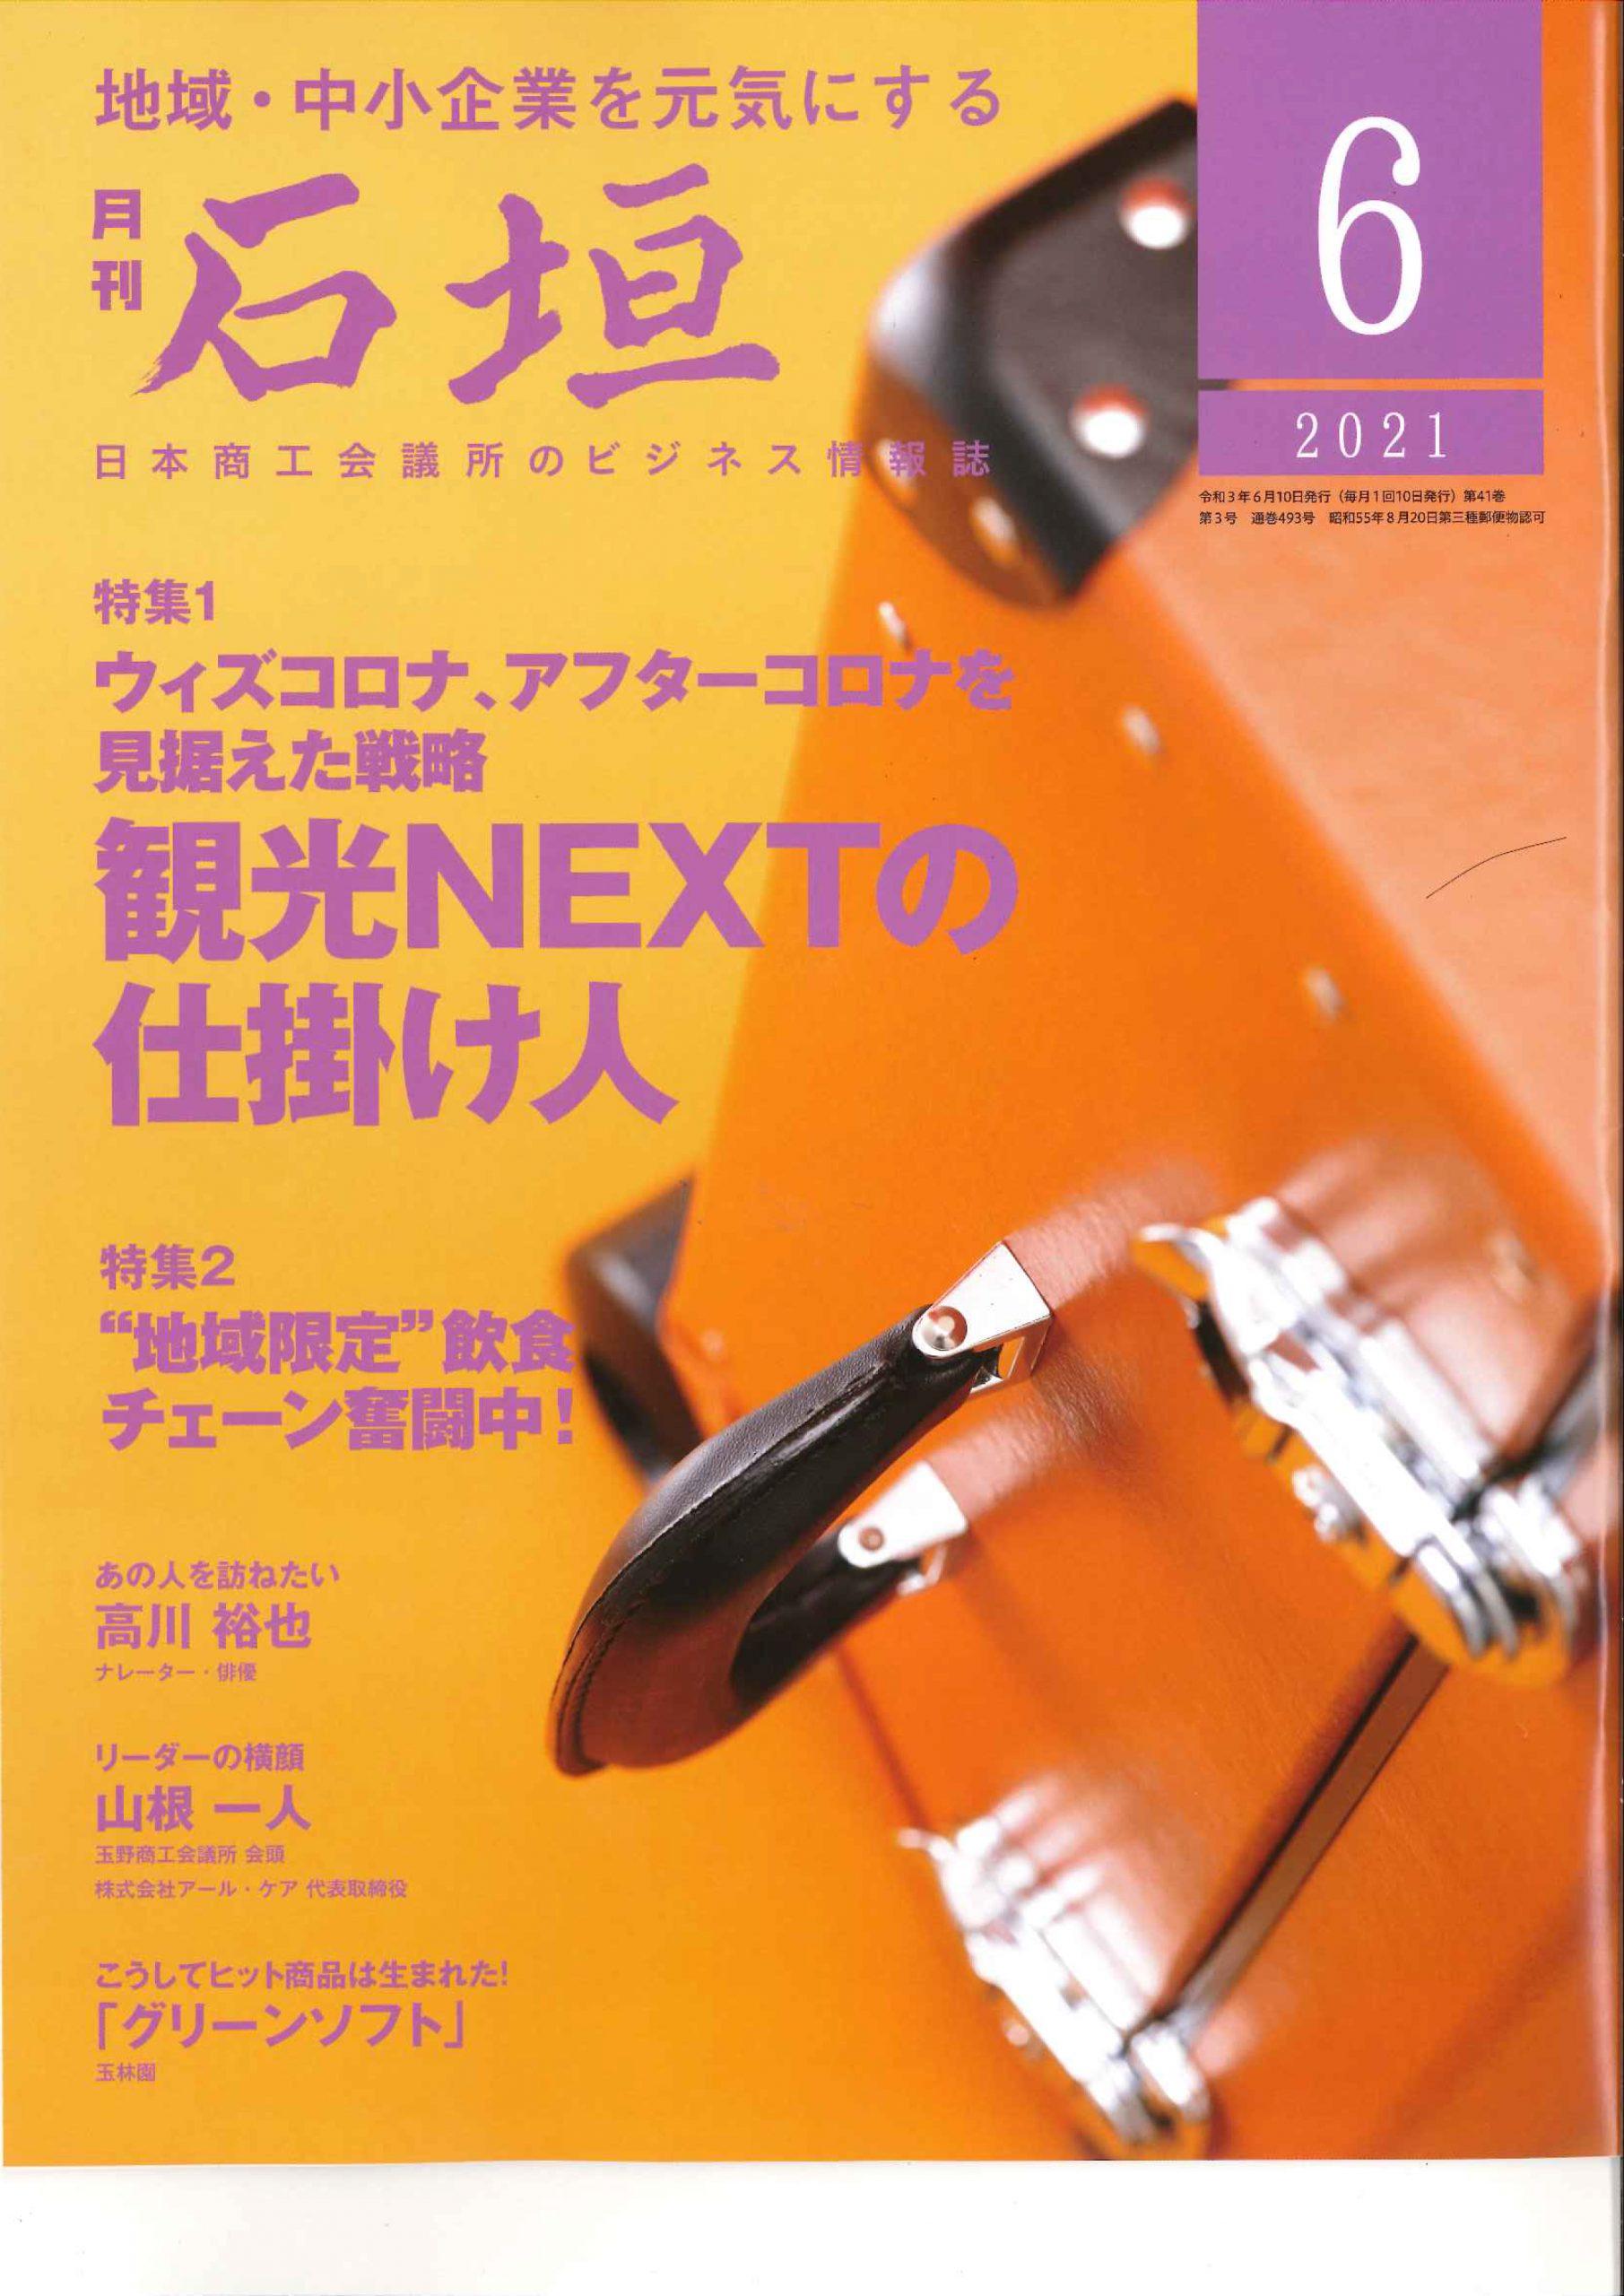 月刊「石垣」2021年6月号にて奥井海生堂の特集記事が掲載されました。